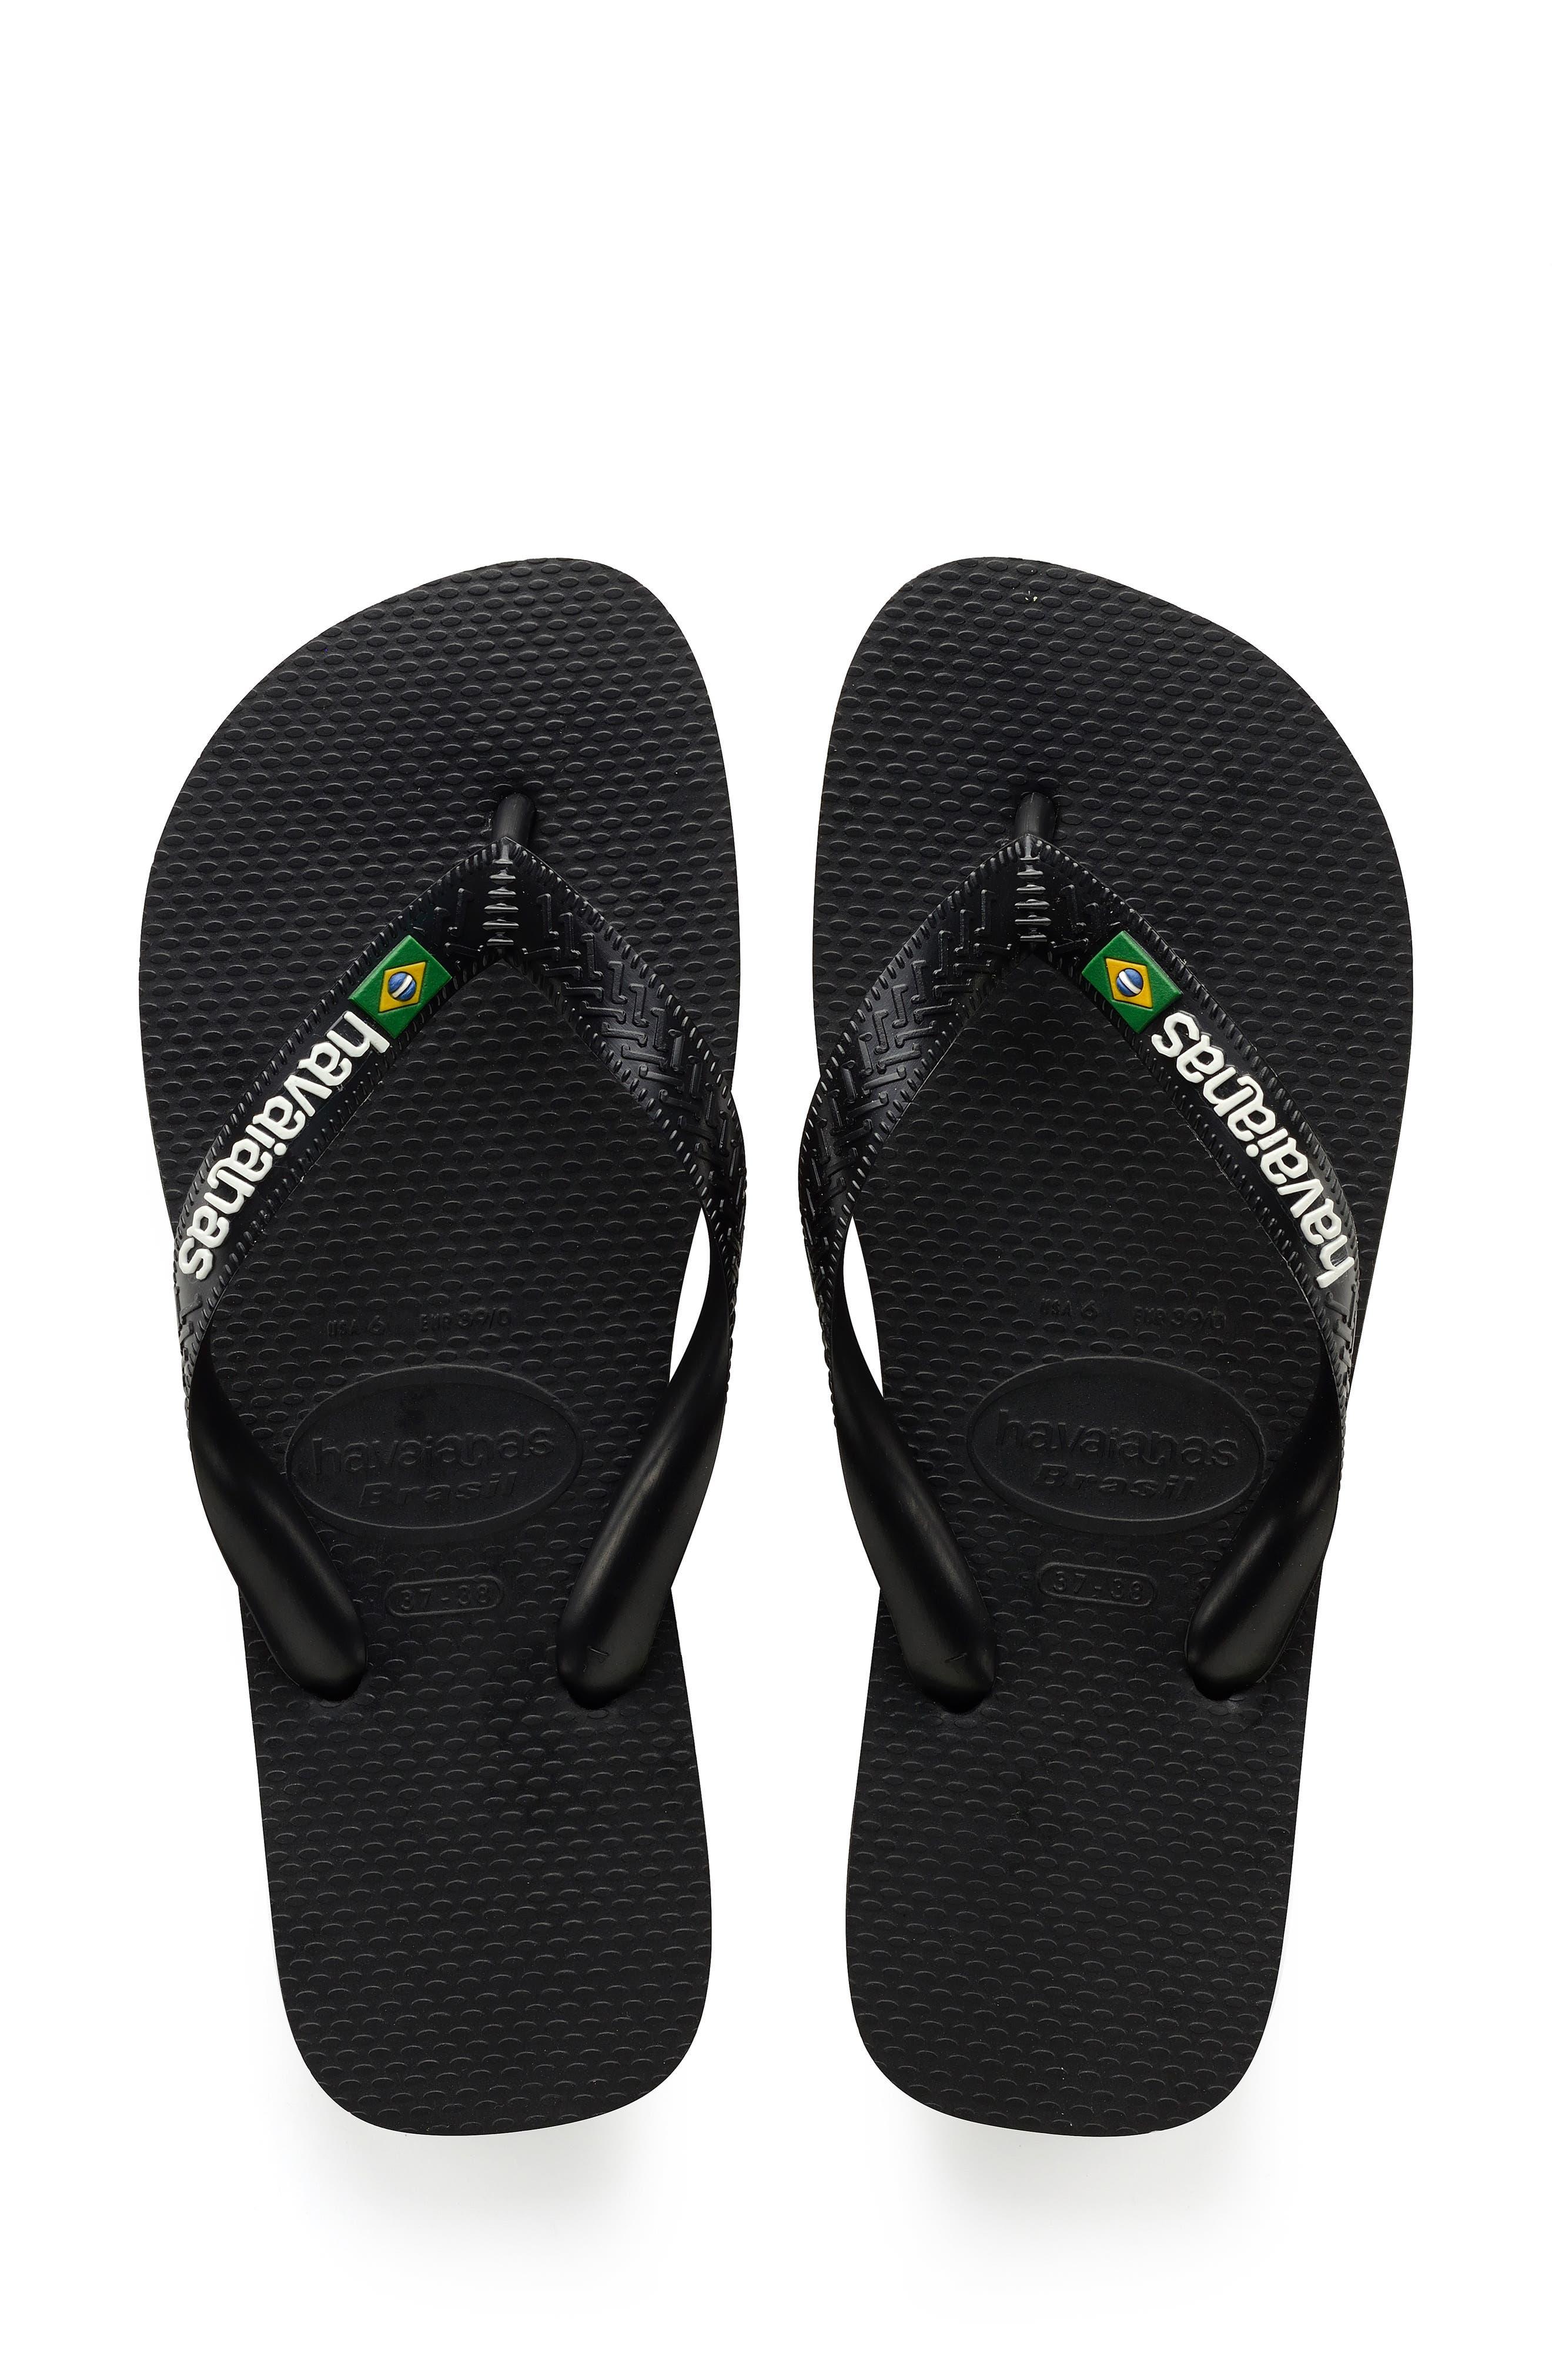 eab7a9ebe6e6 Women s Havaianas Sandals